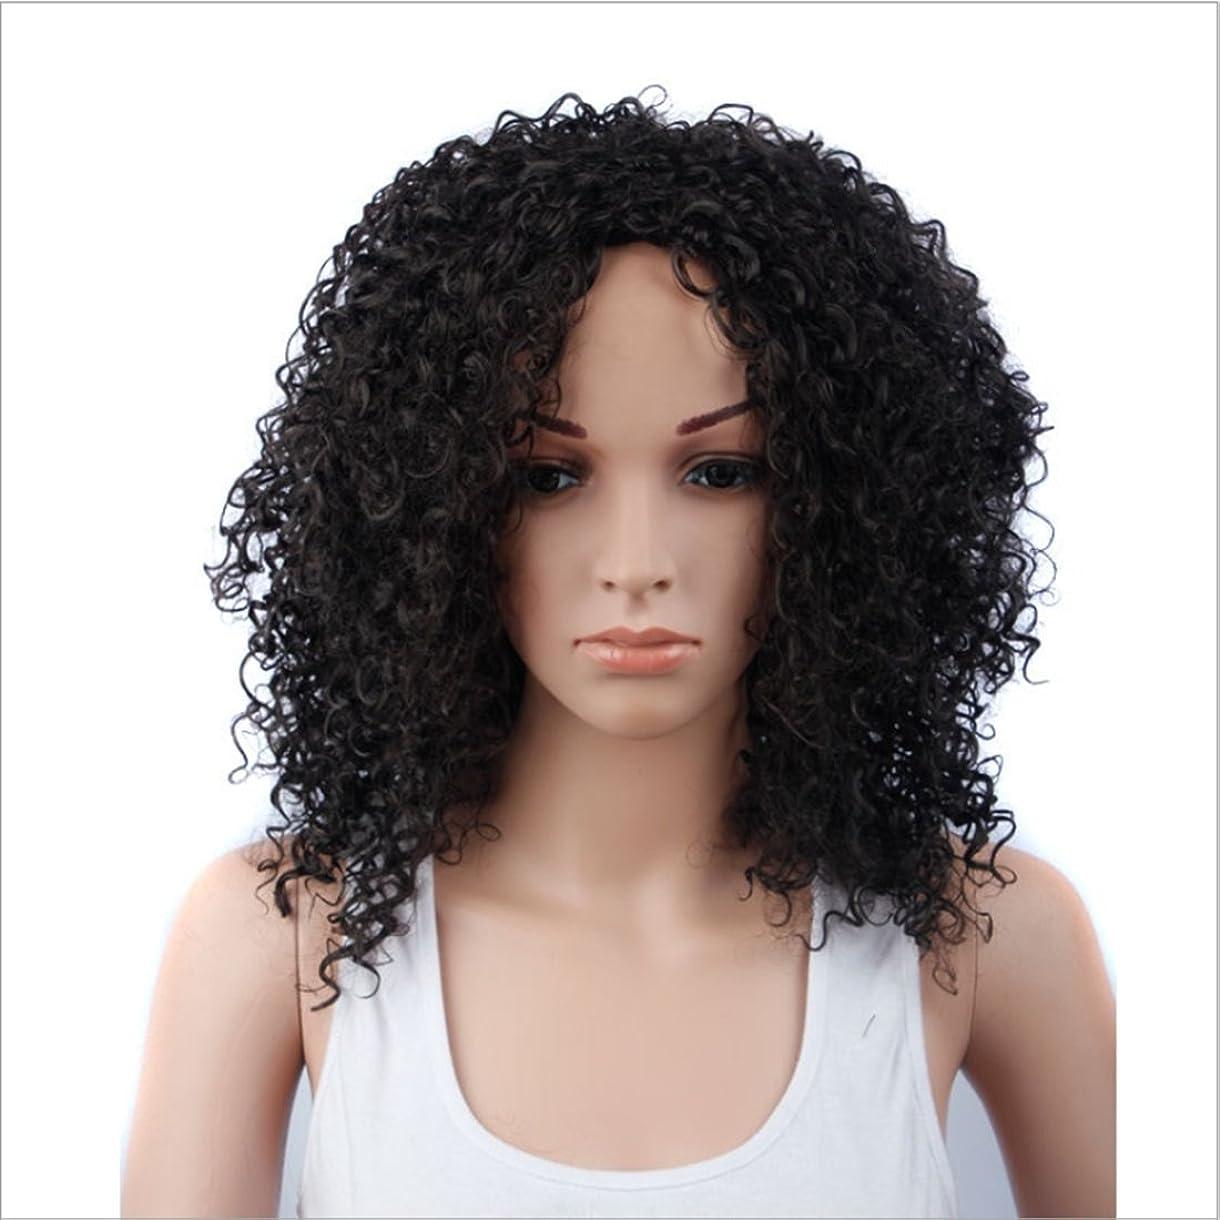 部門胸適用するHOHYLLYA 女性のための15インチの合成高温かつら長い前髪のある短い巻き毛のかつら自然な色のかつら耐熱210g(ワインレッド、黒)ファッションかつら (色 : 黒)